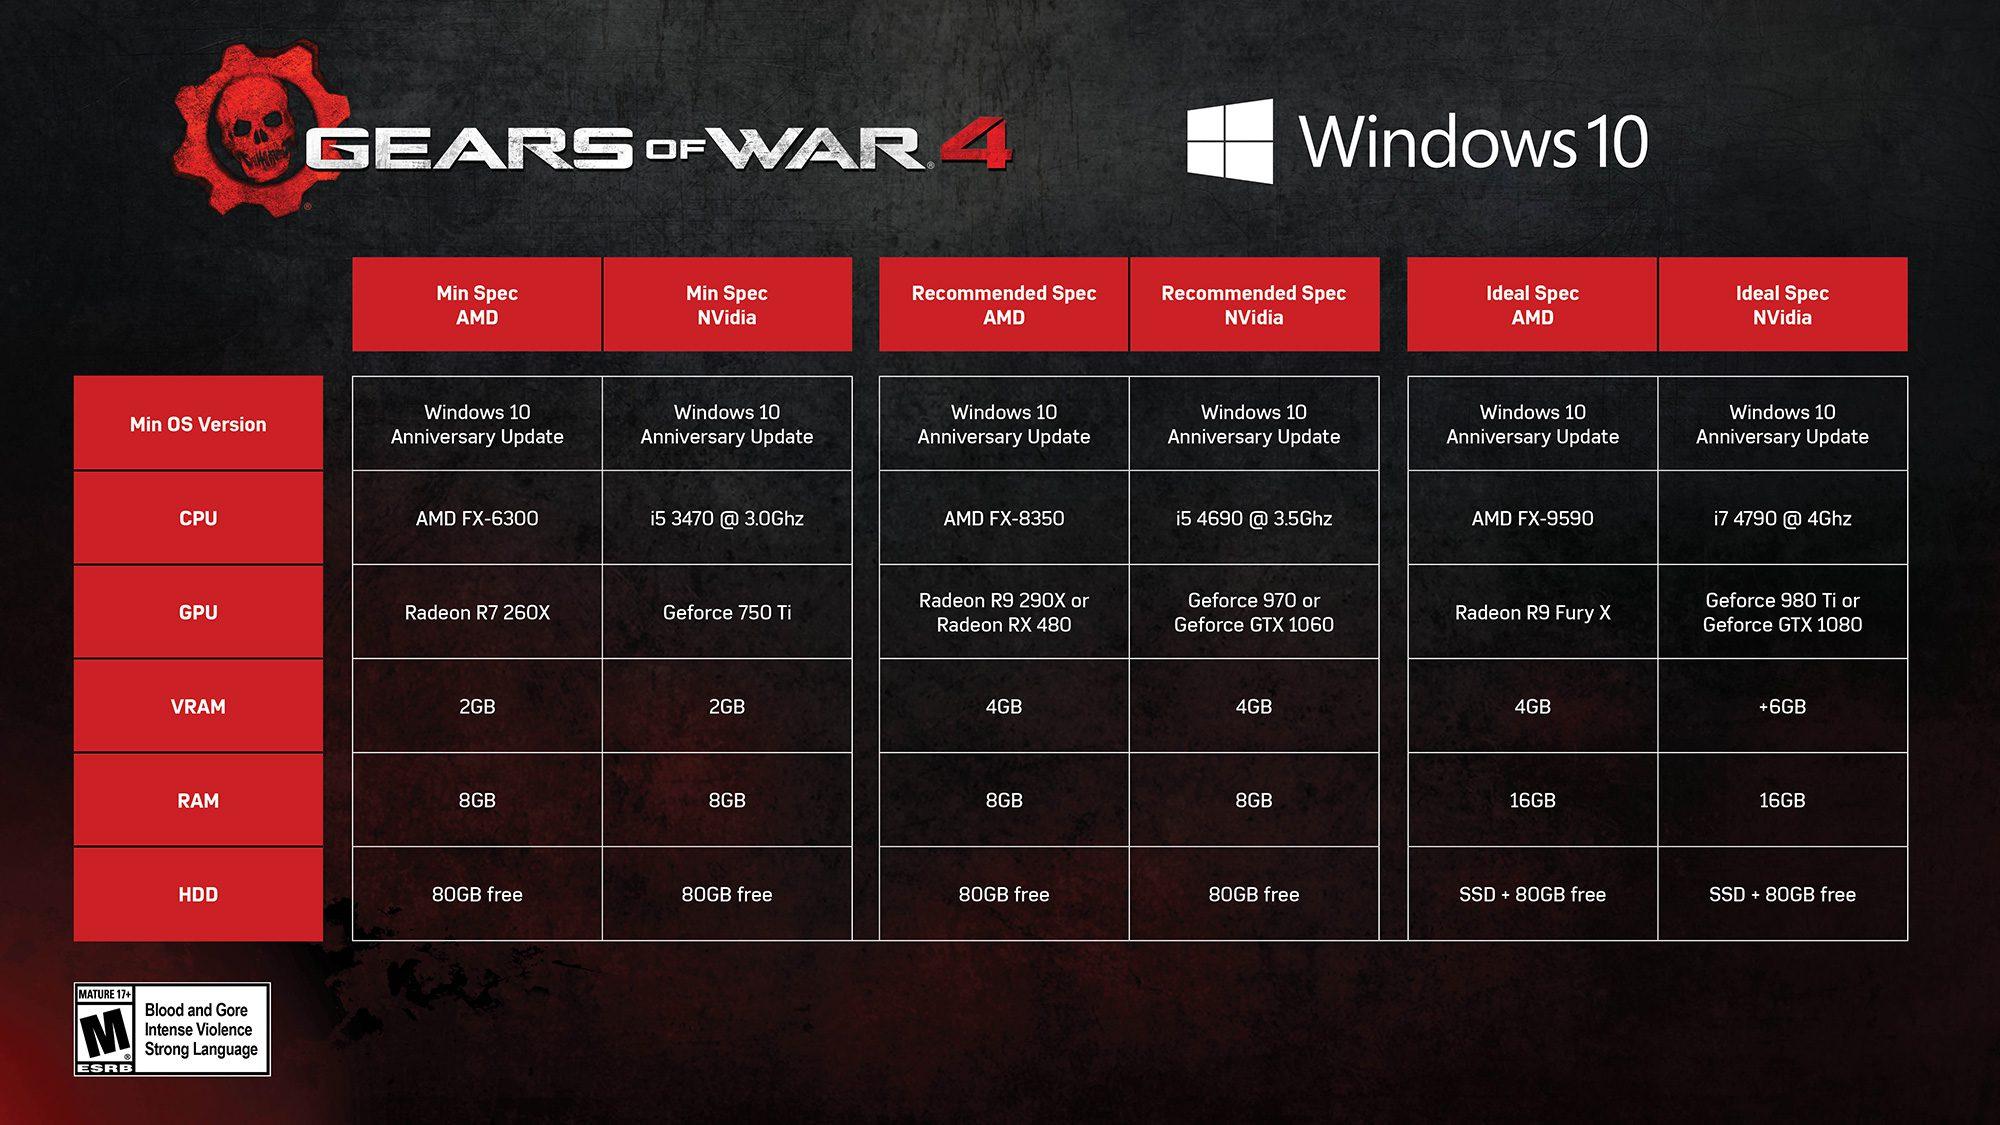 gears of war 4 especificaciones generacion xbox